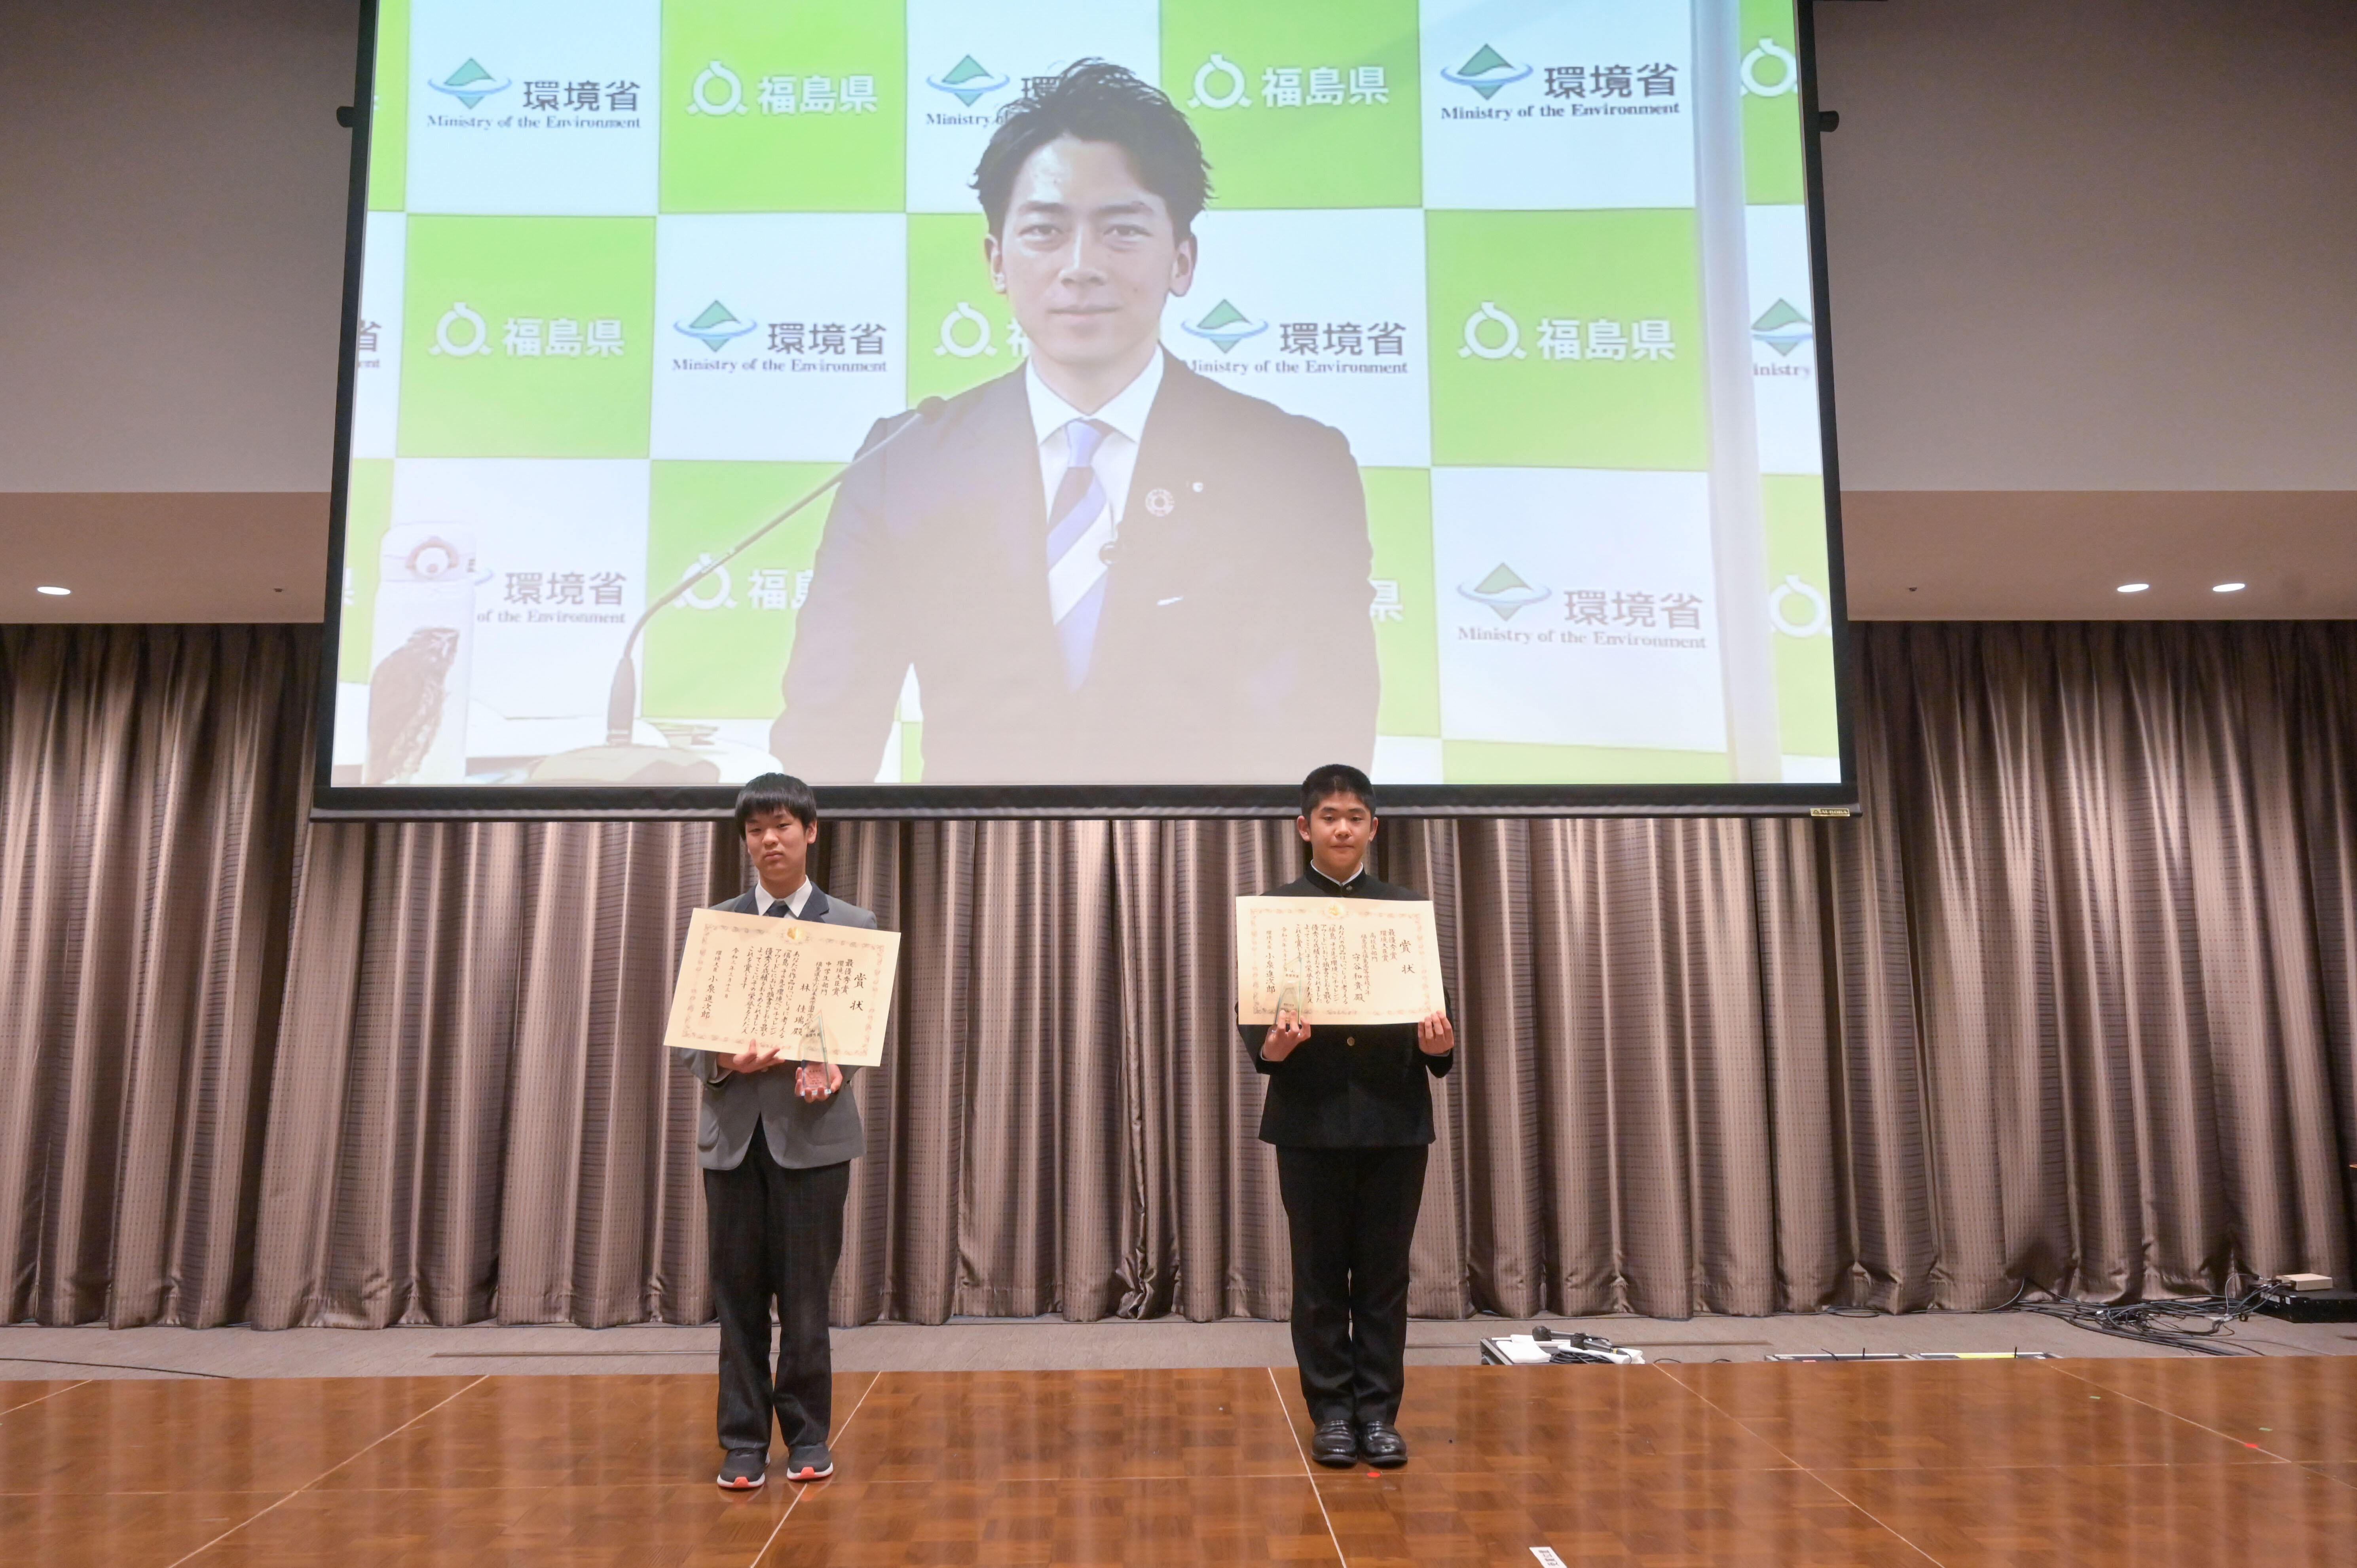 (左から)チャレンジ・アワード「環境大臣賞」を受賞した林佳瑞さん、守谷和貴さん